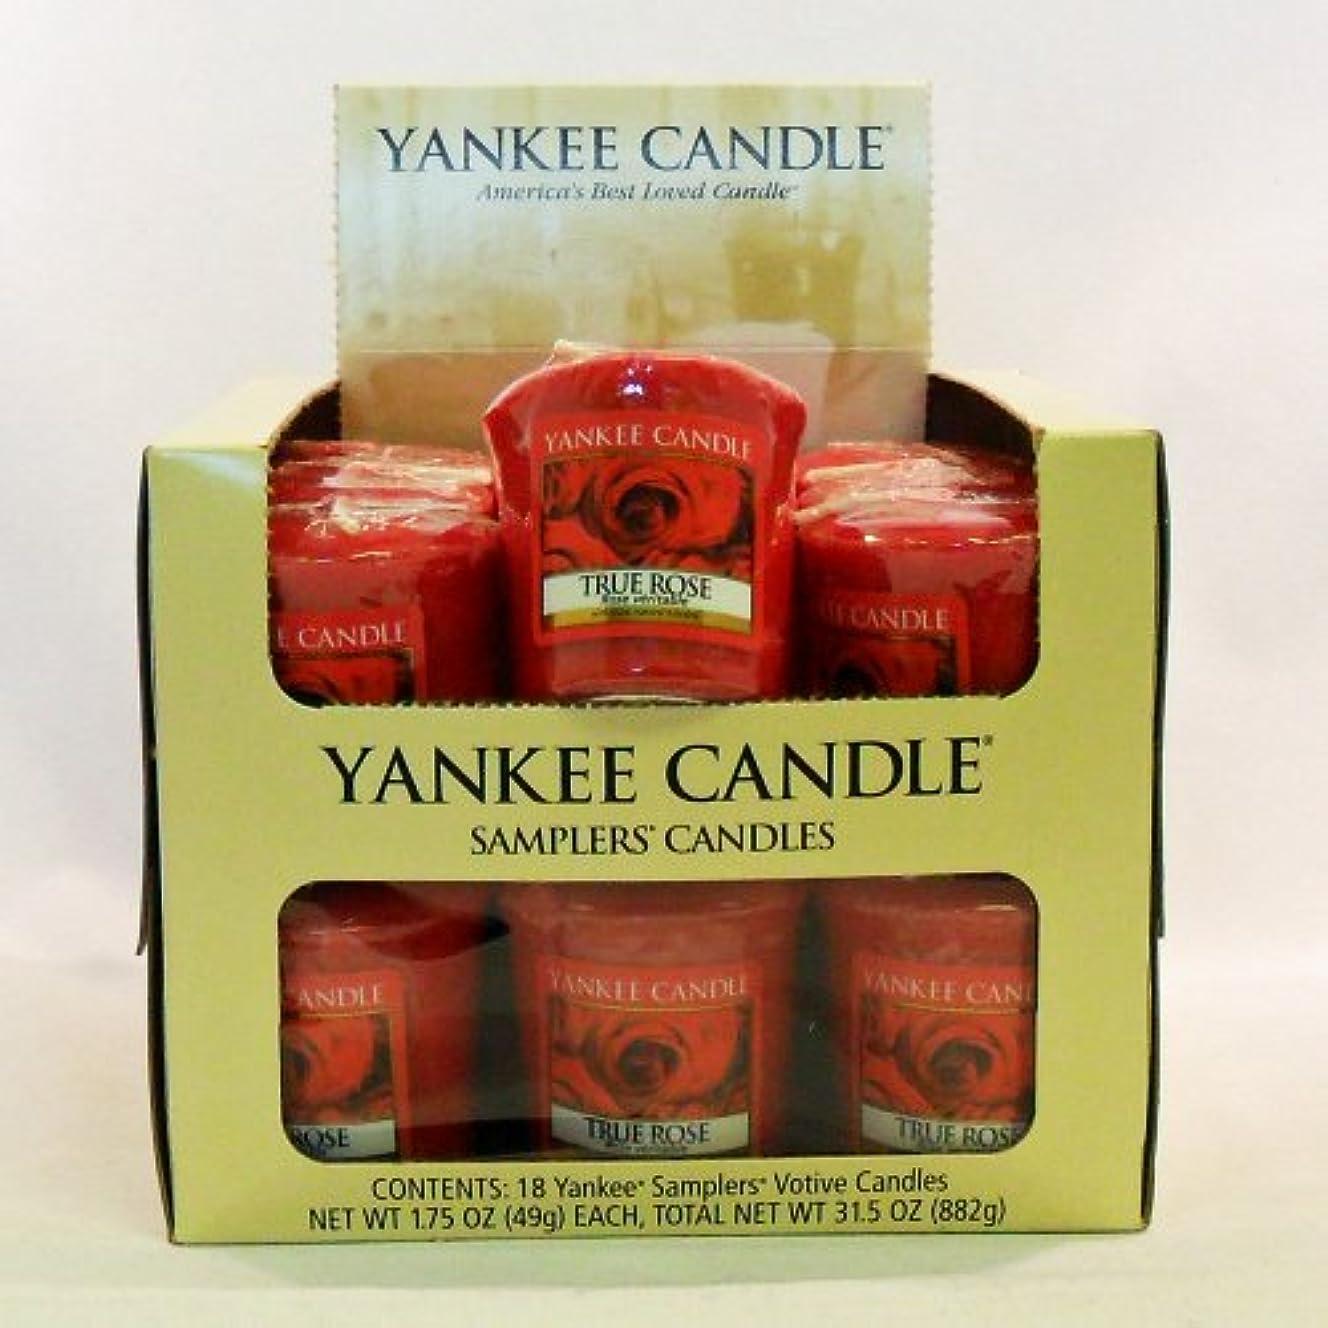 害尊敬飲食店Yankee candle-18 X TrueローズVotiveサンプラーキャンドル – 新しい香りfor 2012 。